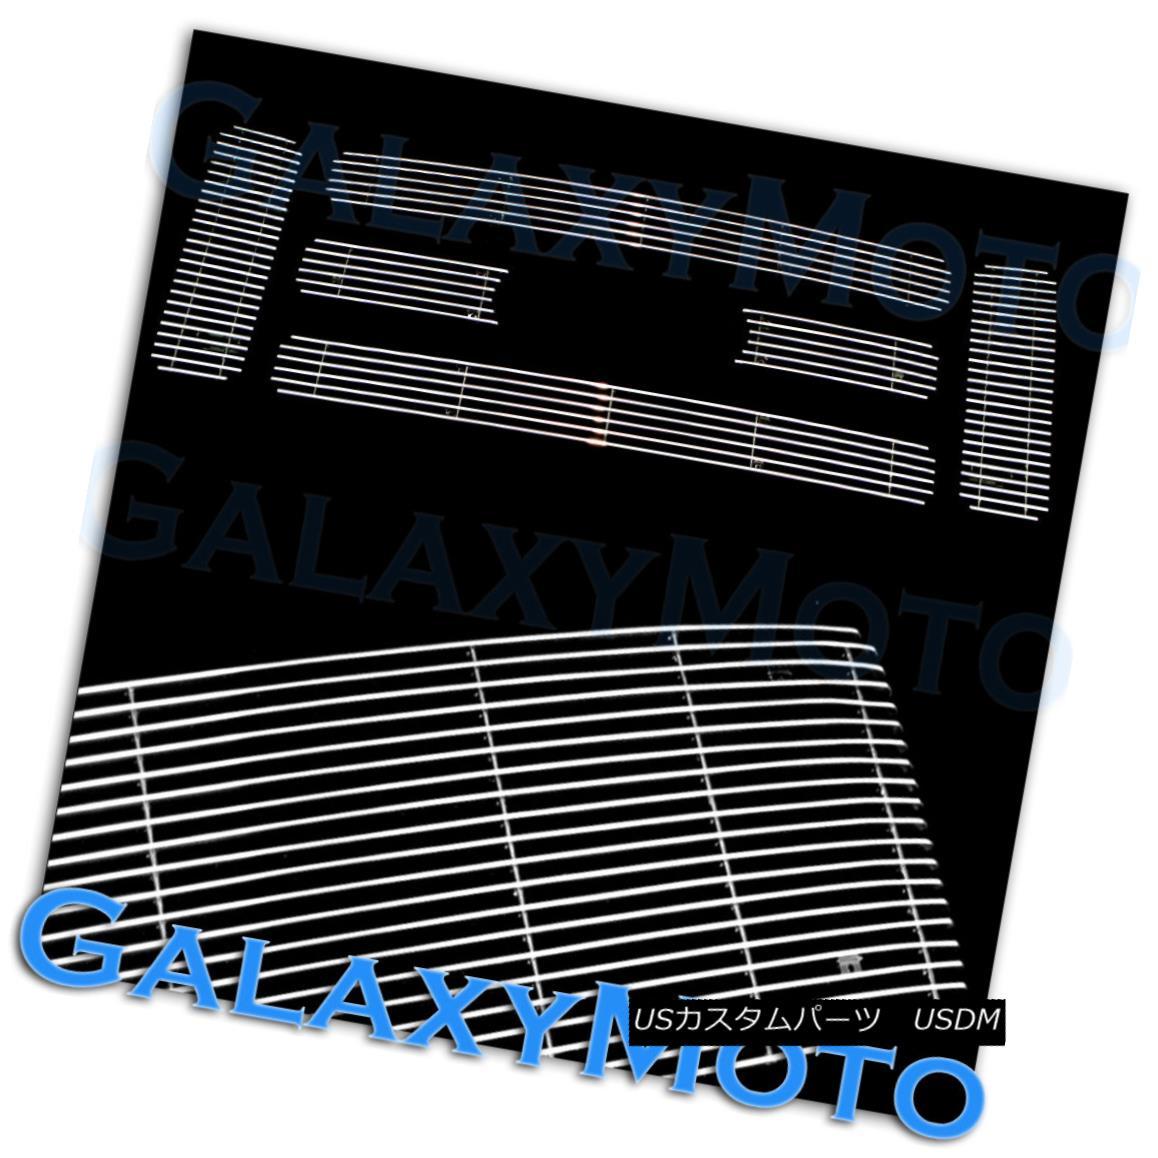 グリル 08-10 Ford Super Duty+Excursion 6pc Overlay Polished Chrome Billet Grille Insert 08-10フォードスーパーデューティ+エクスカーション6pcオーバーレイポリッシュクロムビレットグリルインサート